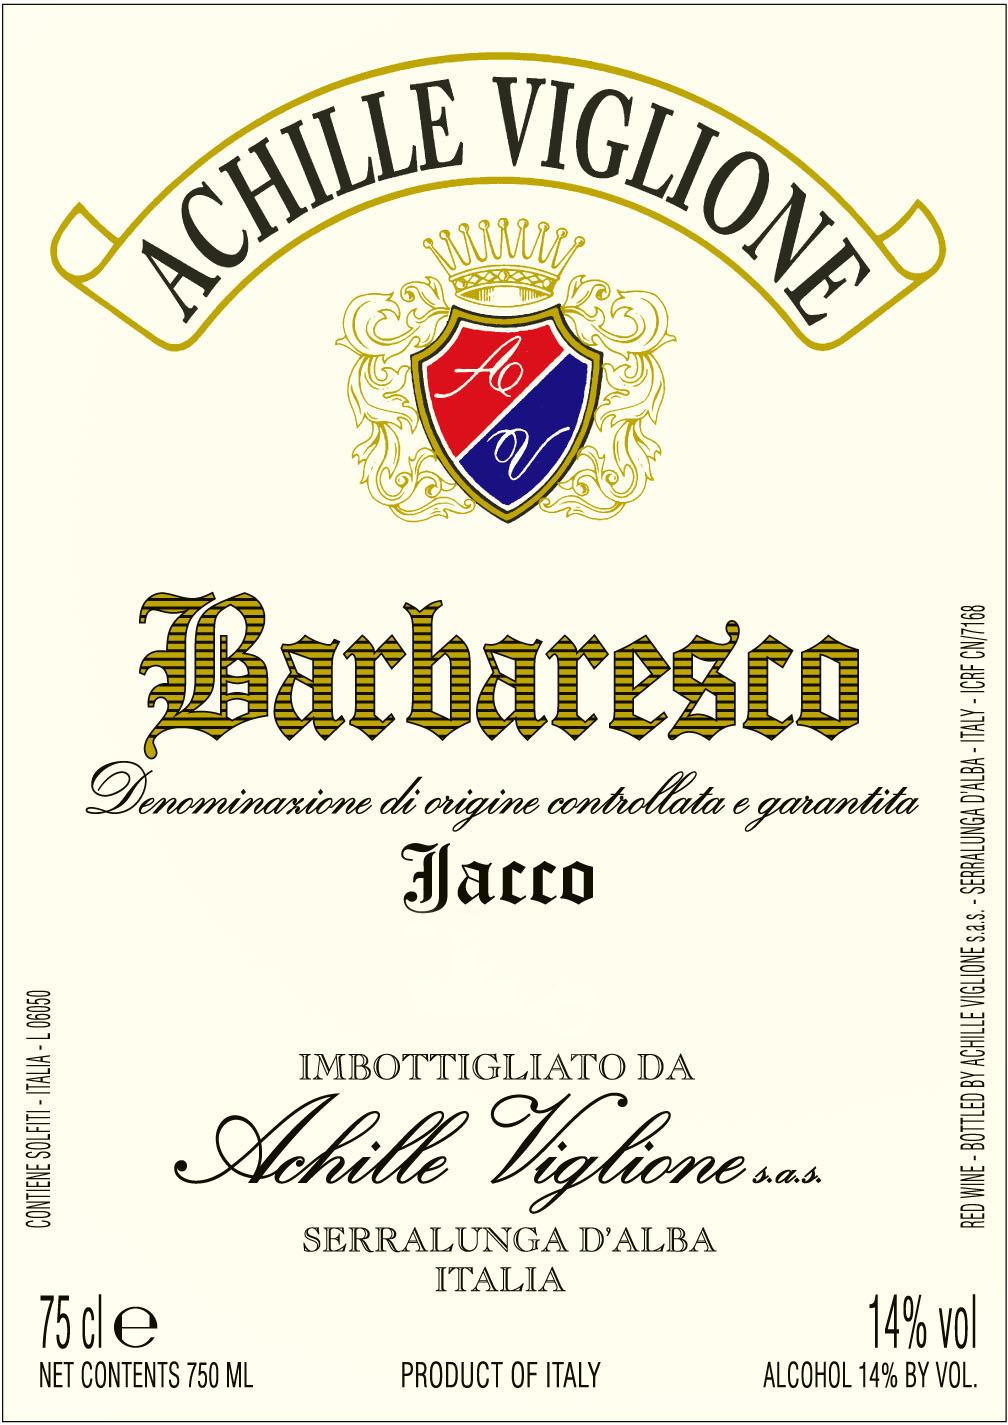 Etichetta vino rosso Barbaresco Jacco Achille Viglione